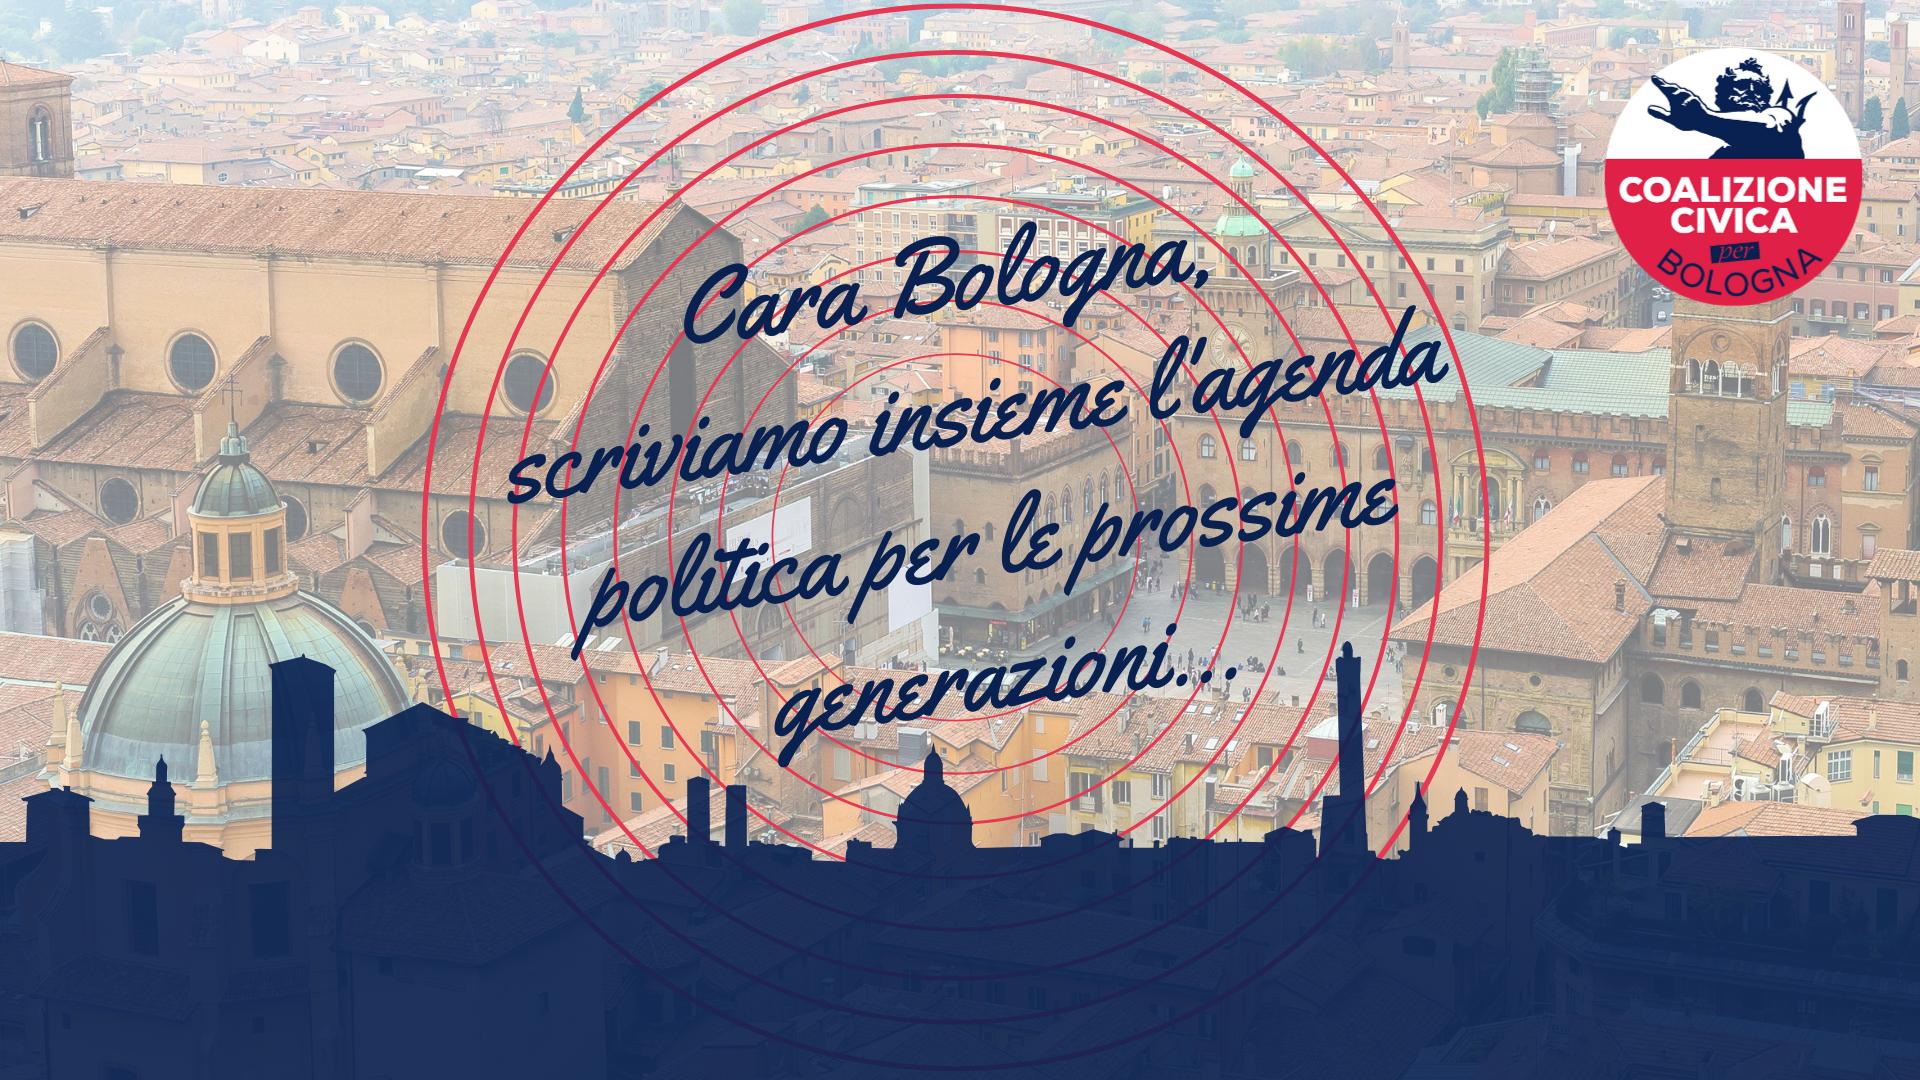 Cara Bologna, scriviamo insieme il programma per il futuro governo della città